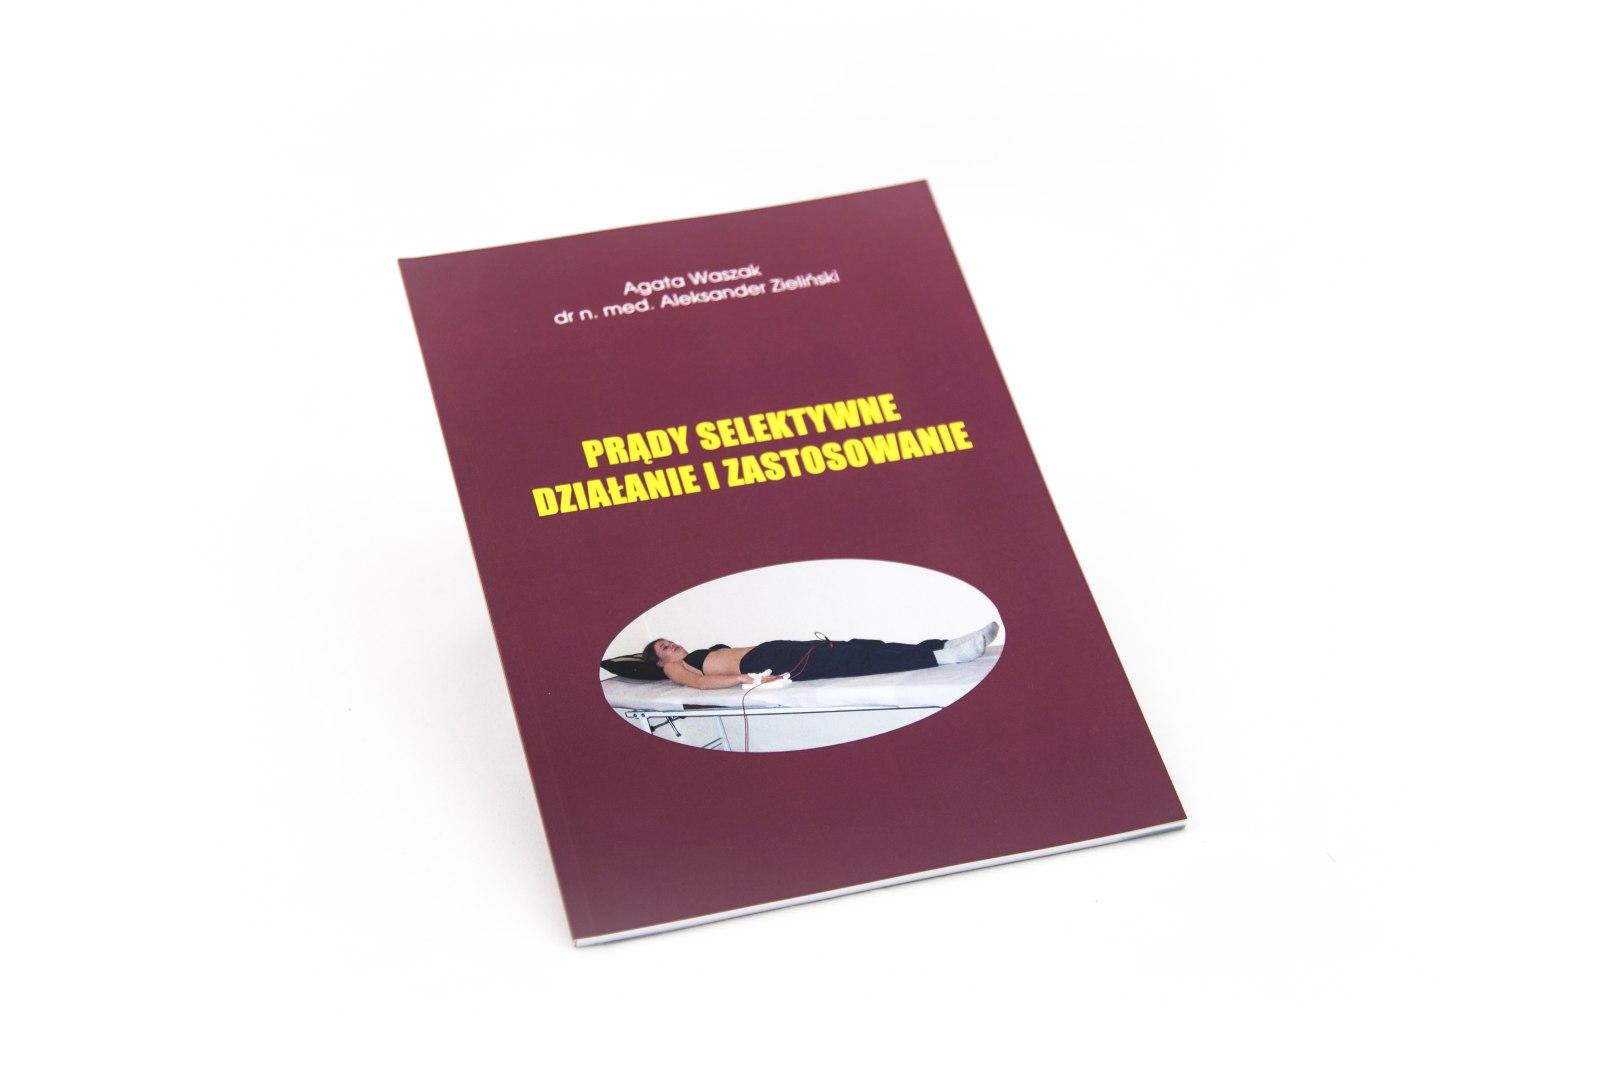 Prądy selektywne. Działanie i zastosowanie, Agata Waszak, Aleksander Zieliński, 2004